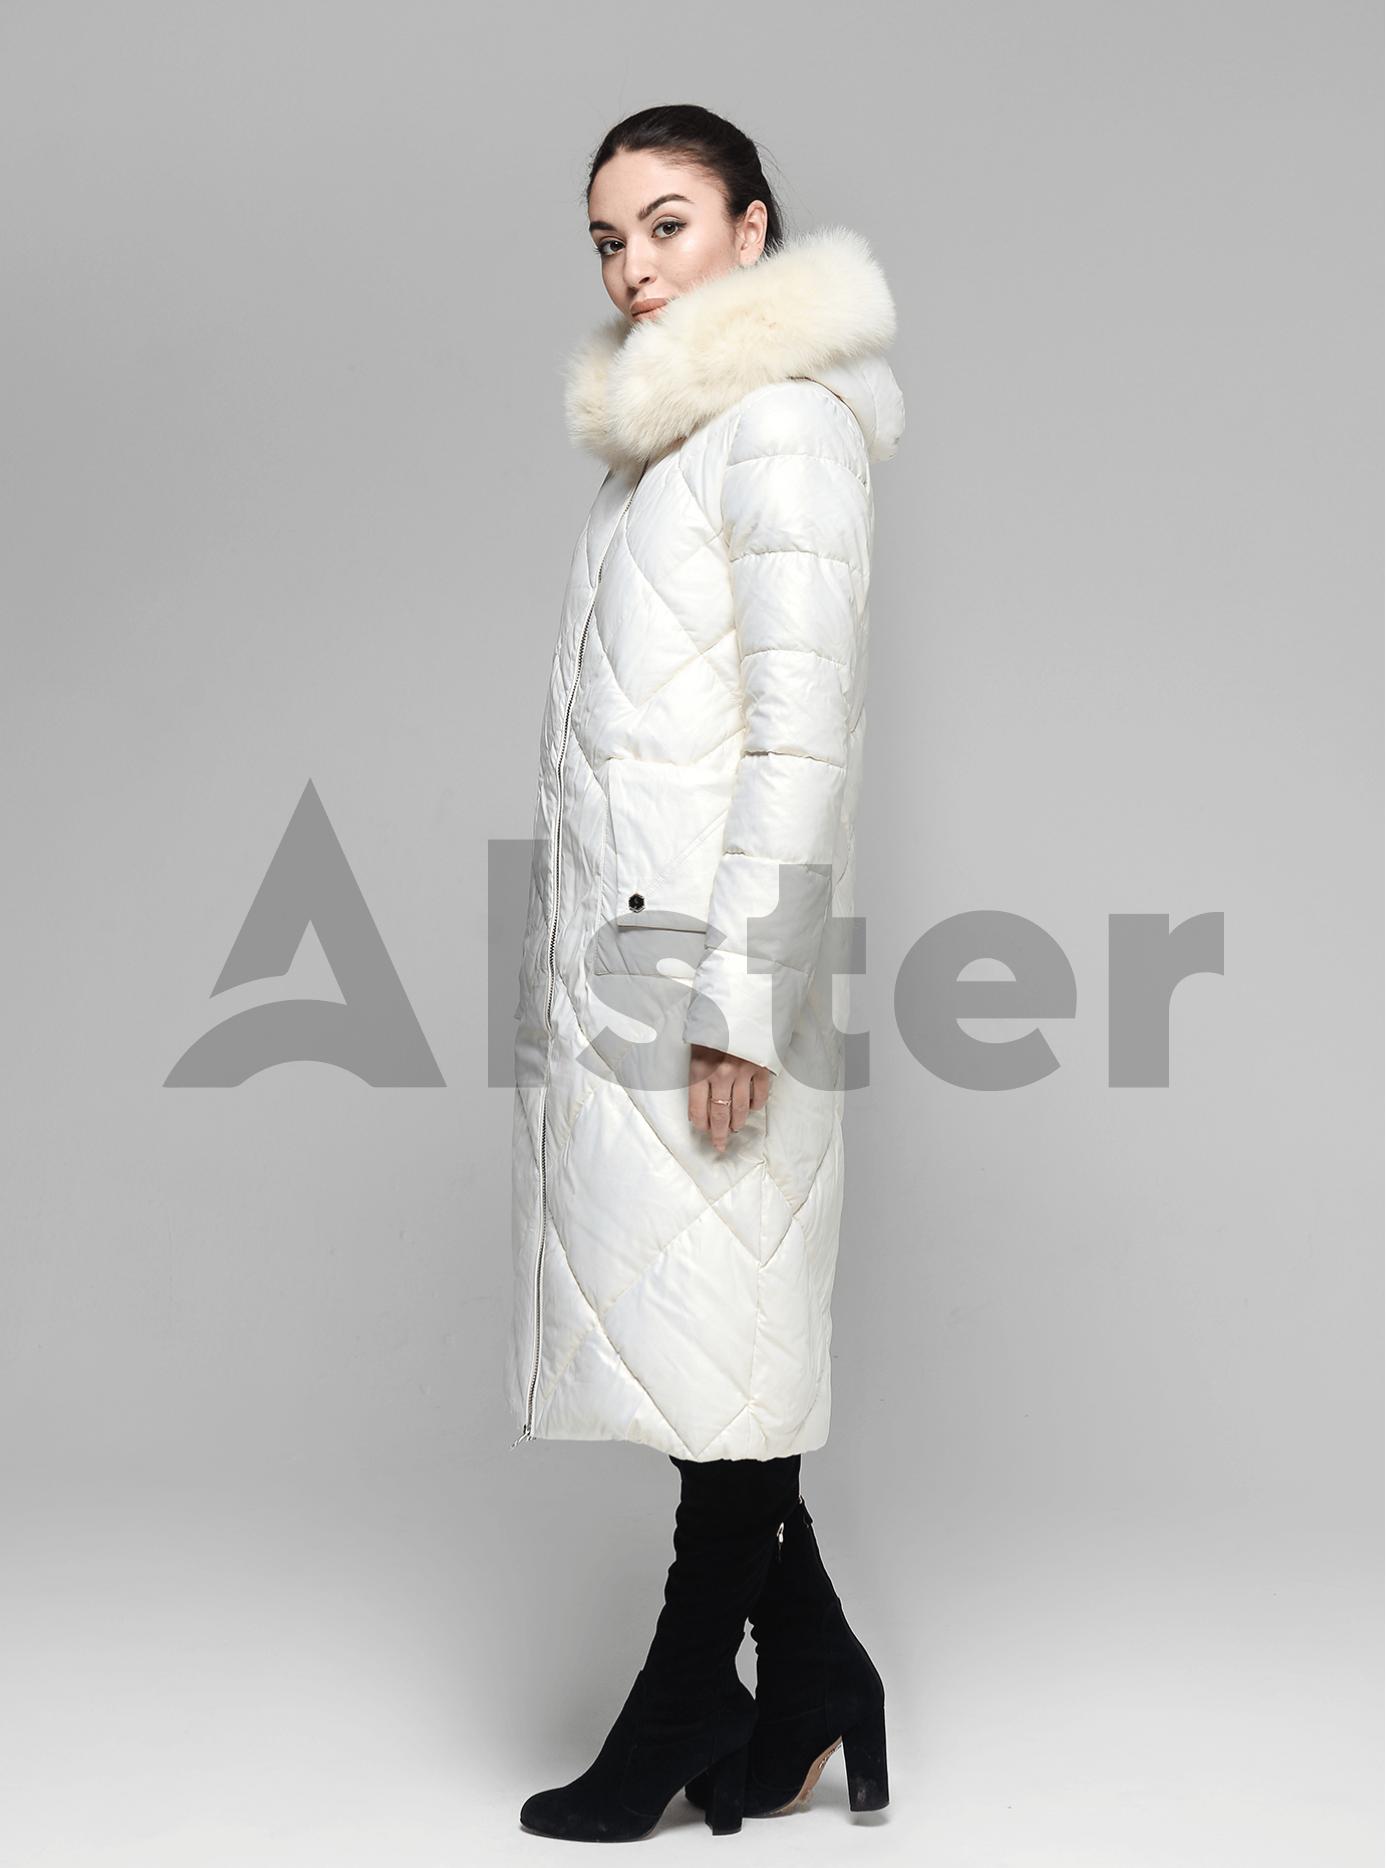 Куртка довга пряма з хутром песця на капюшоні Молочний S (05-ZL2133): фото - Alster.ua